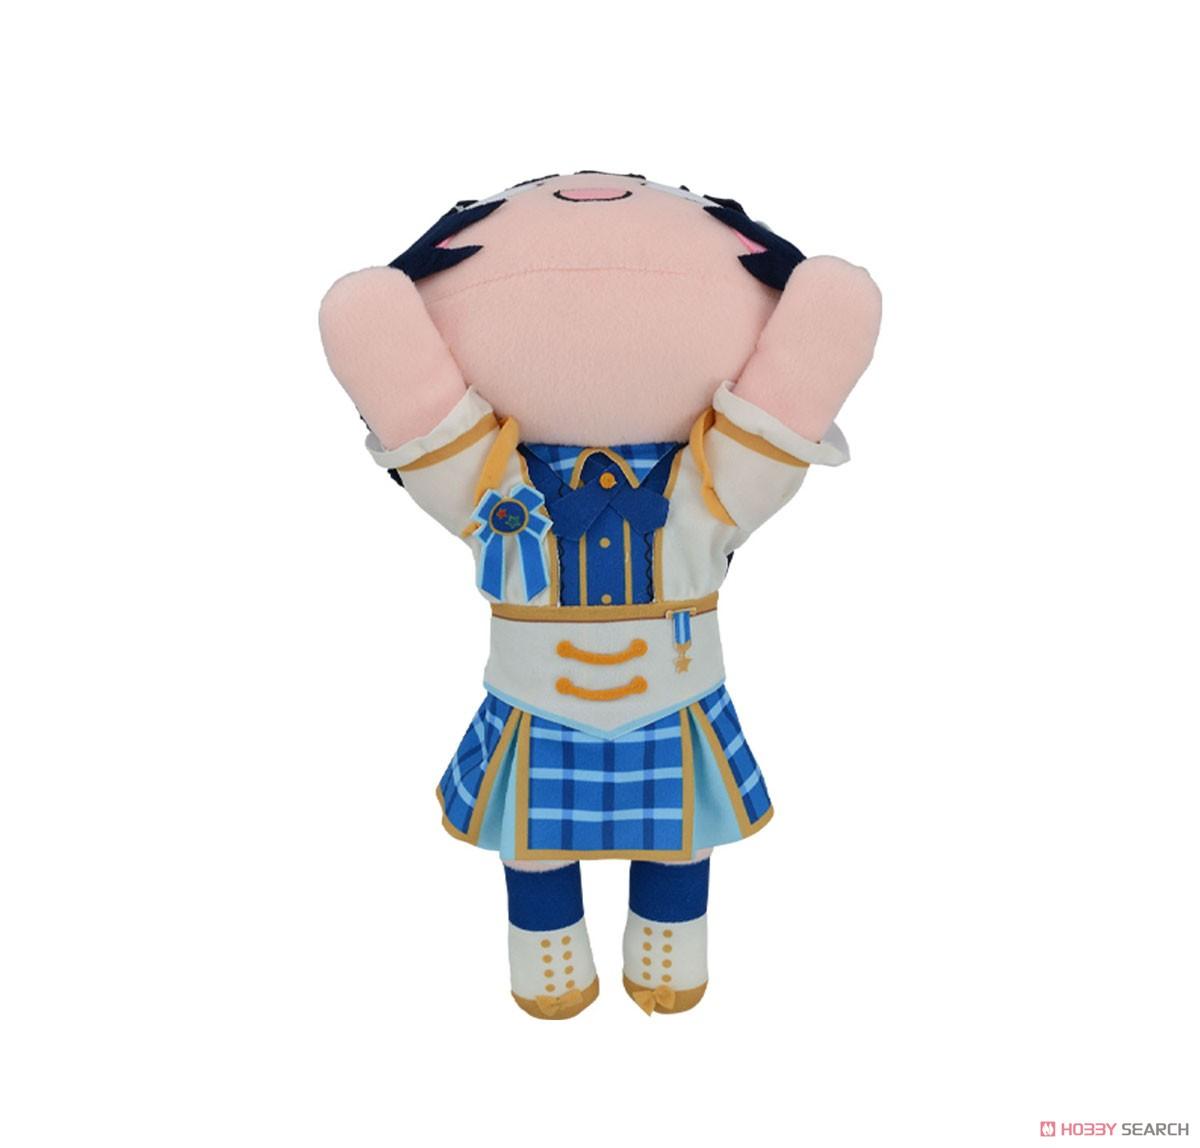 ラブライブ! スクールアイドルフェスティバル ALL STARS『朝香果林(M)』寝そべりぬいぐるみ-002